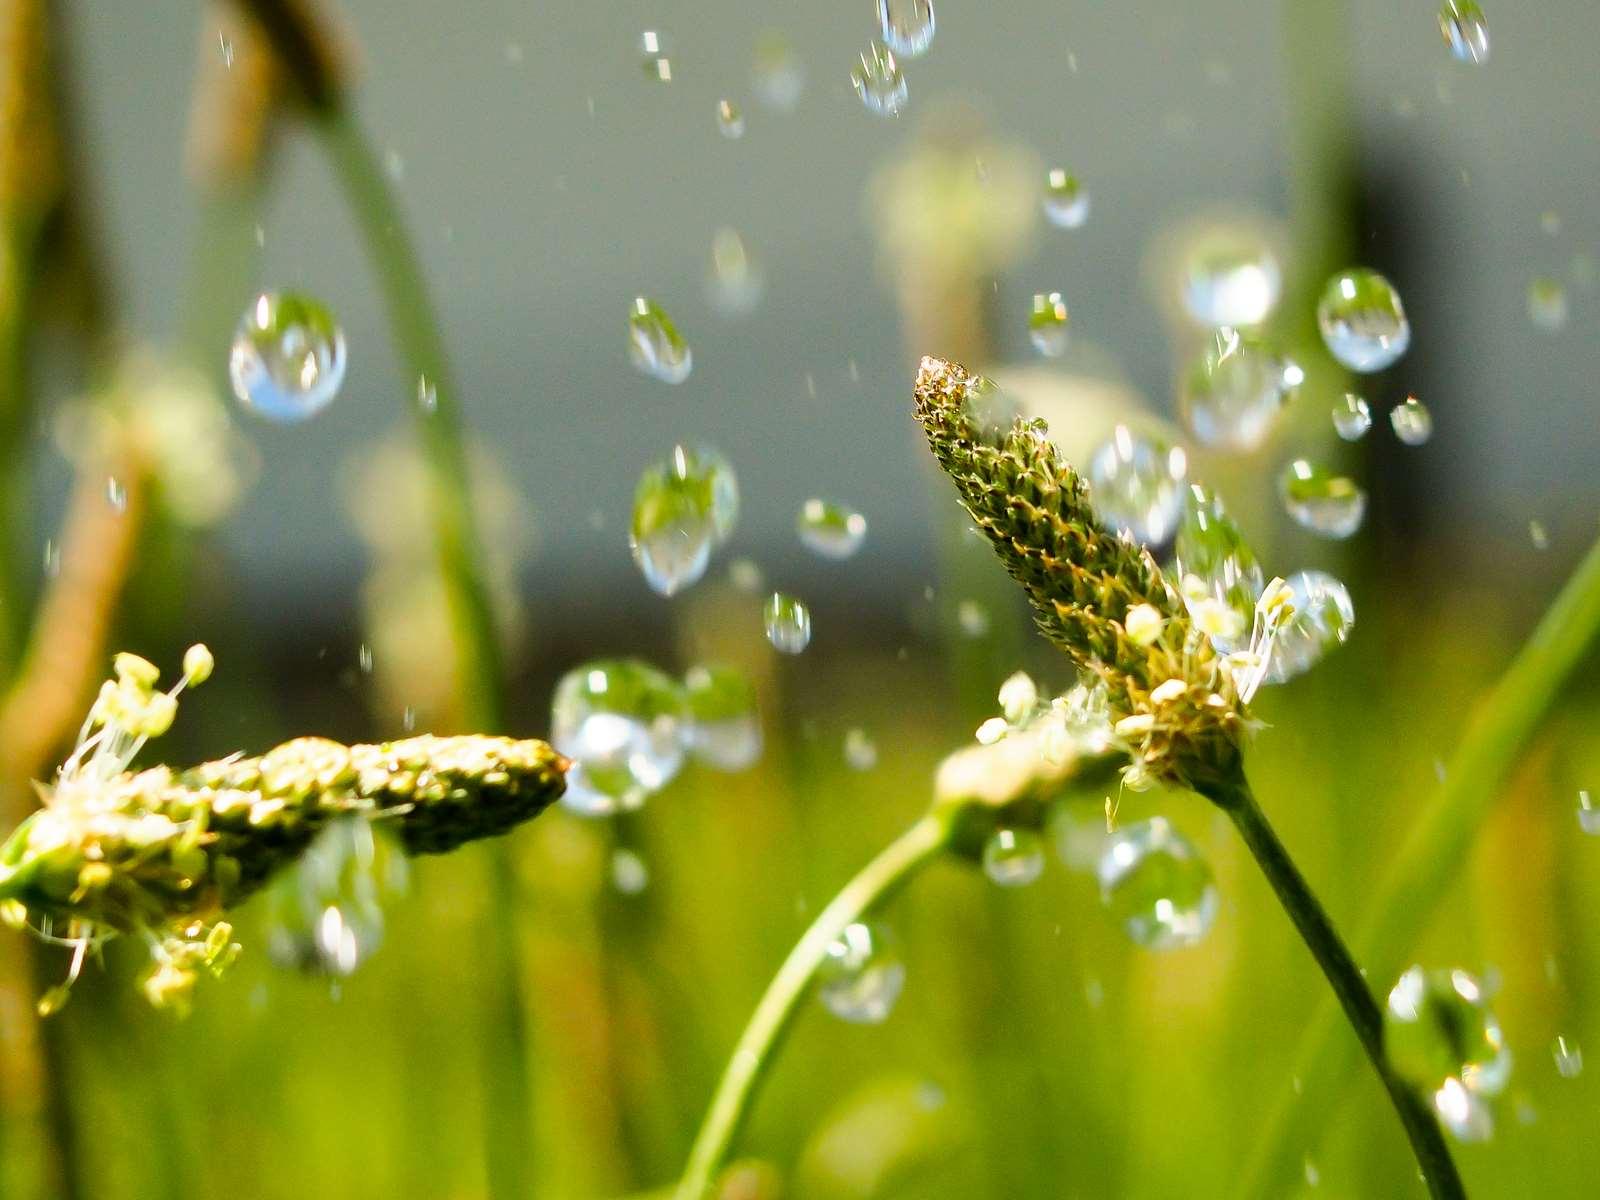 Summer rain in the green